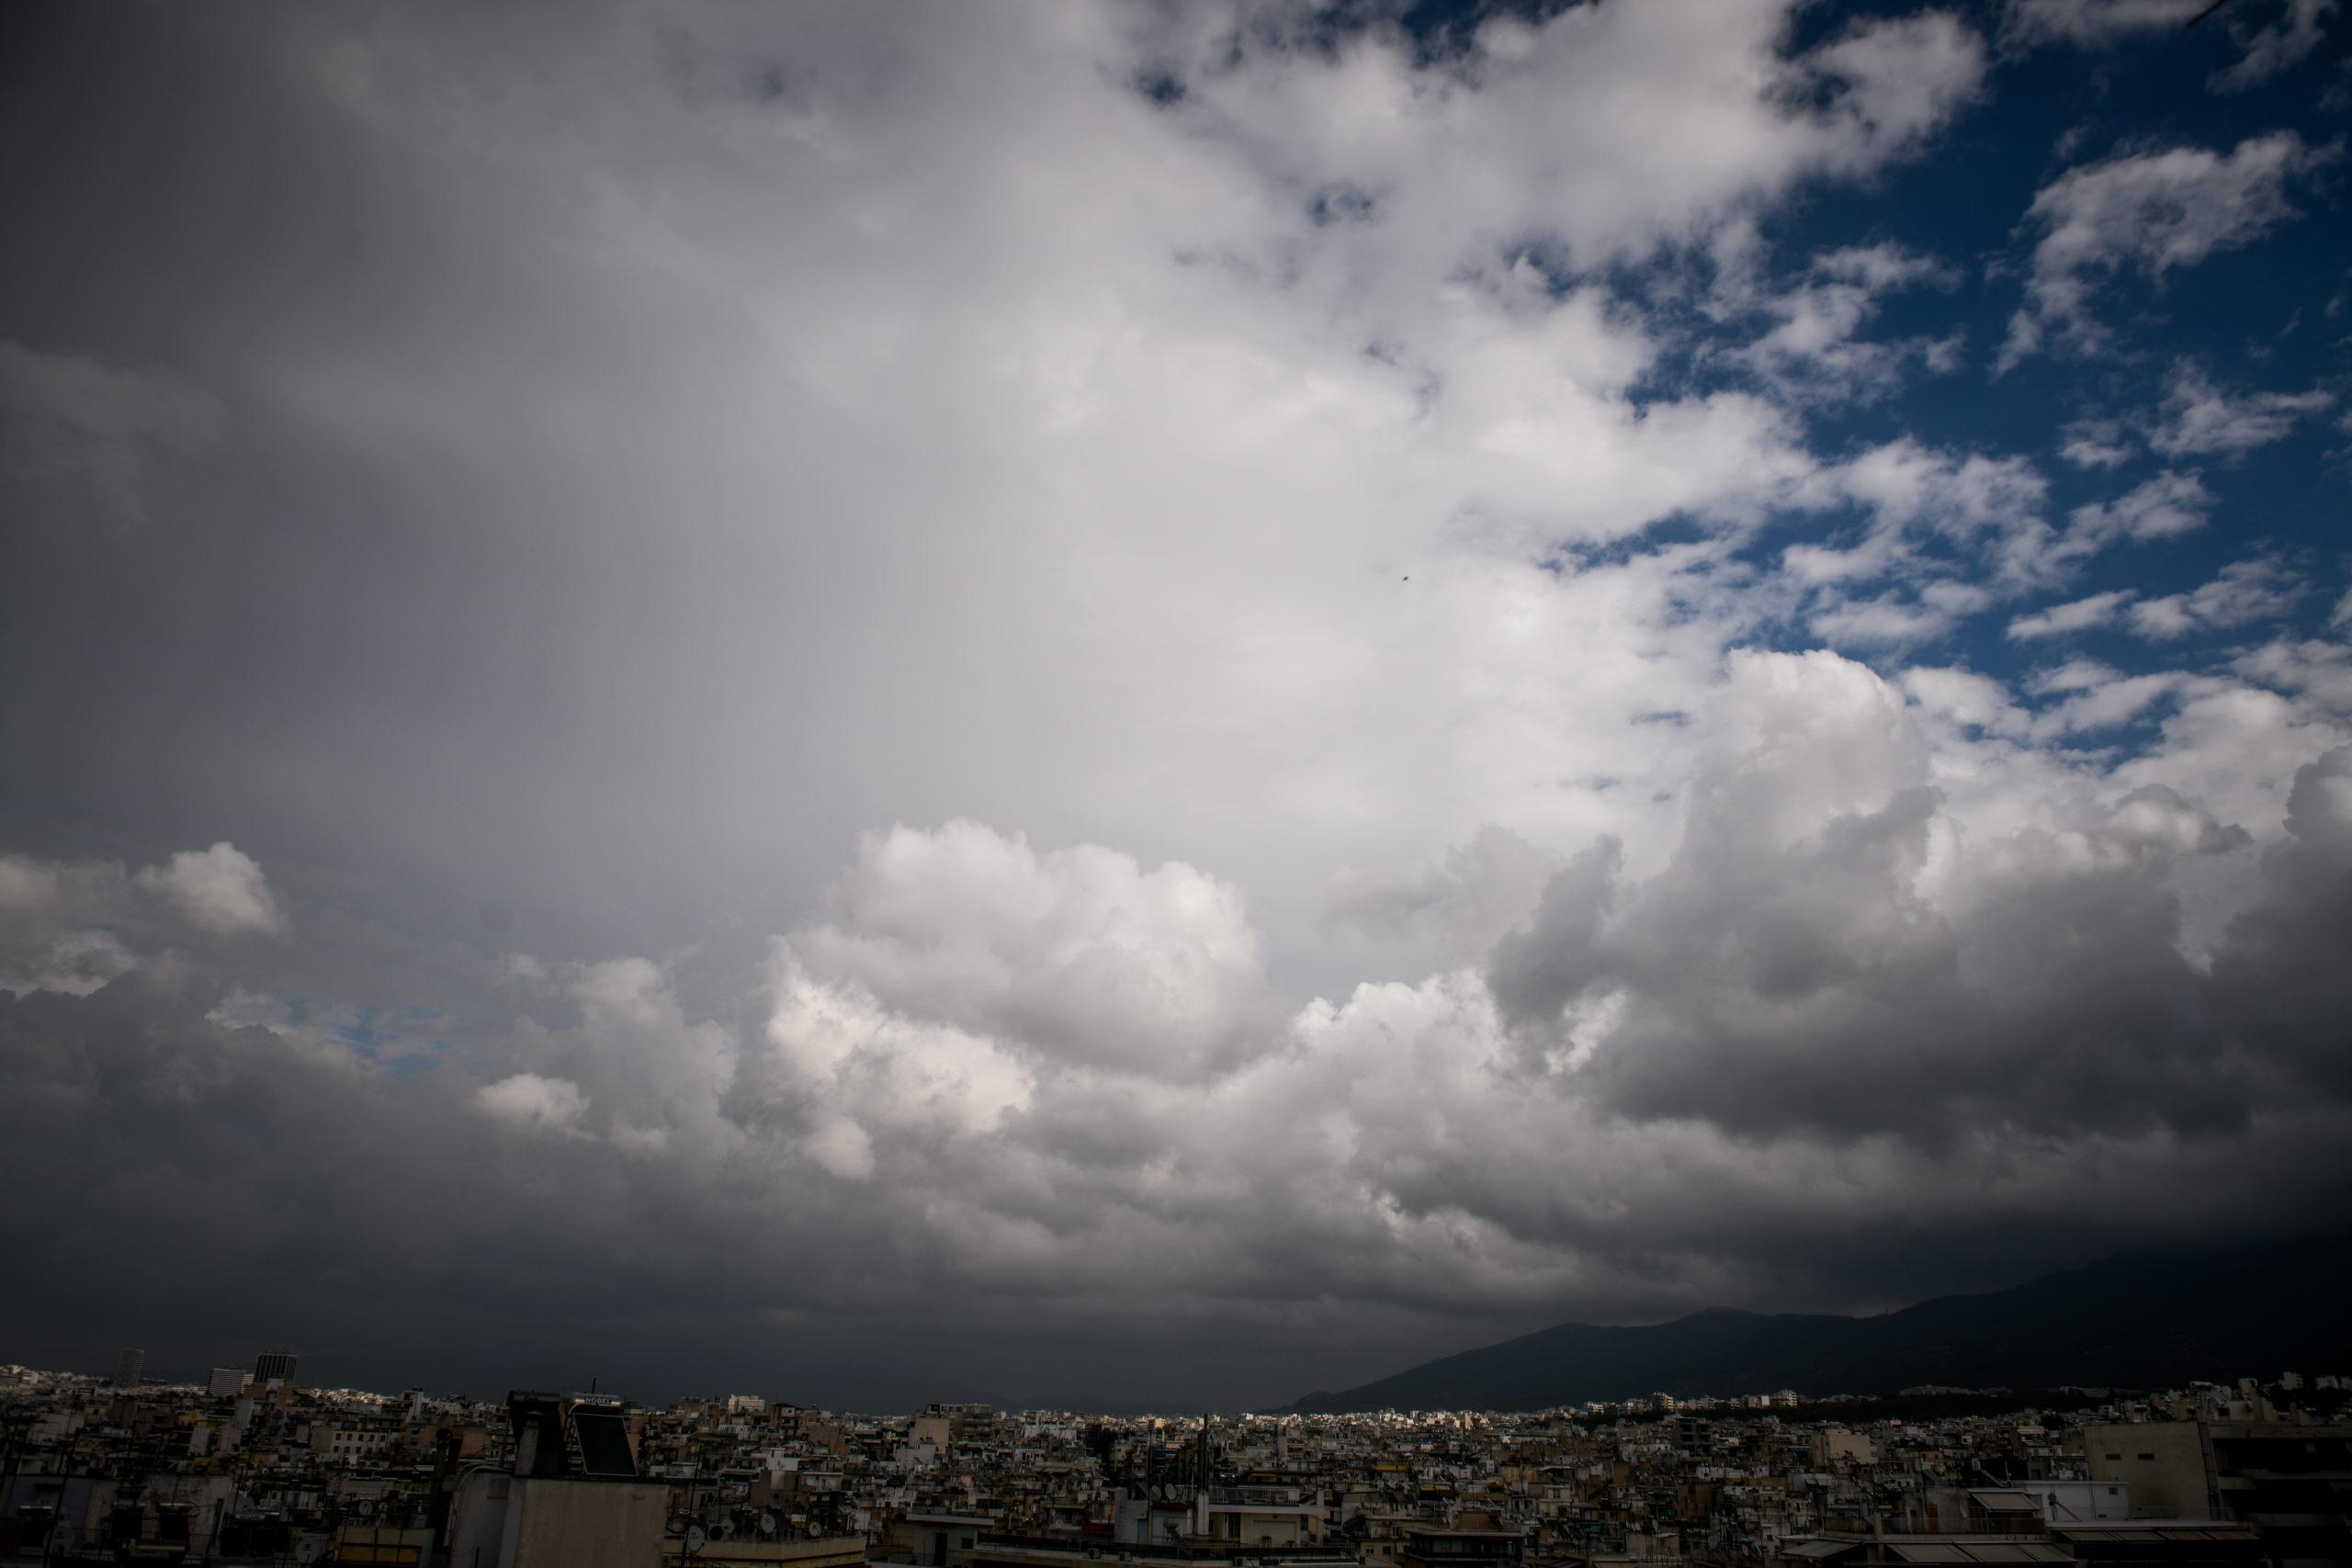 Κύμα κακοκαιρίας που επηρεάζει και την Αττική, Δευτέρα 4 Ιανουαρίου 2020 (ΤΑΤΙΑΝΑ ΜΠΟΛΑΡΗ)